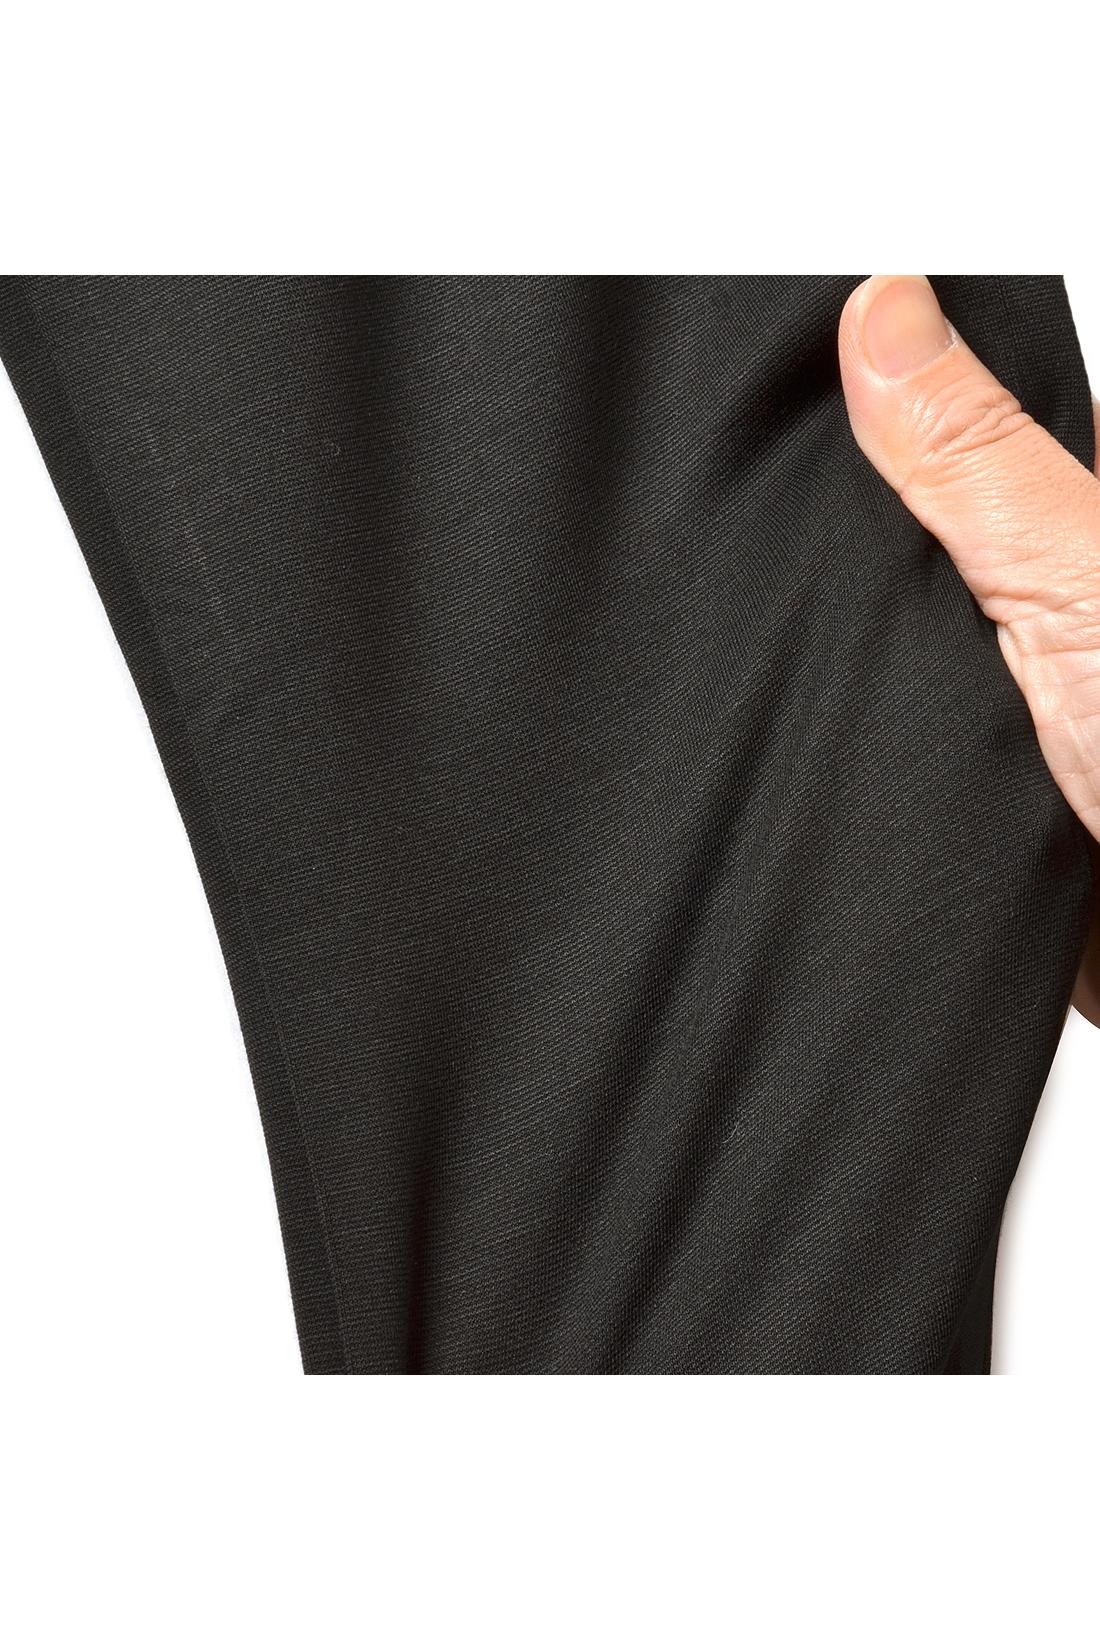 モダール混のため、光沢感が美しい。ストレッチ性が高く、カットソーでも長時間はいてもひざが出にくいほどよい厚みのある素材です。